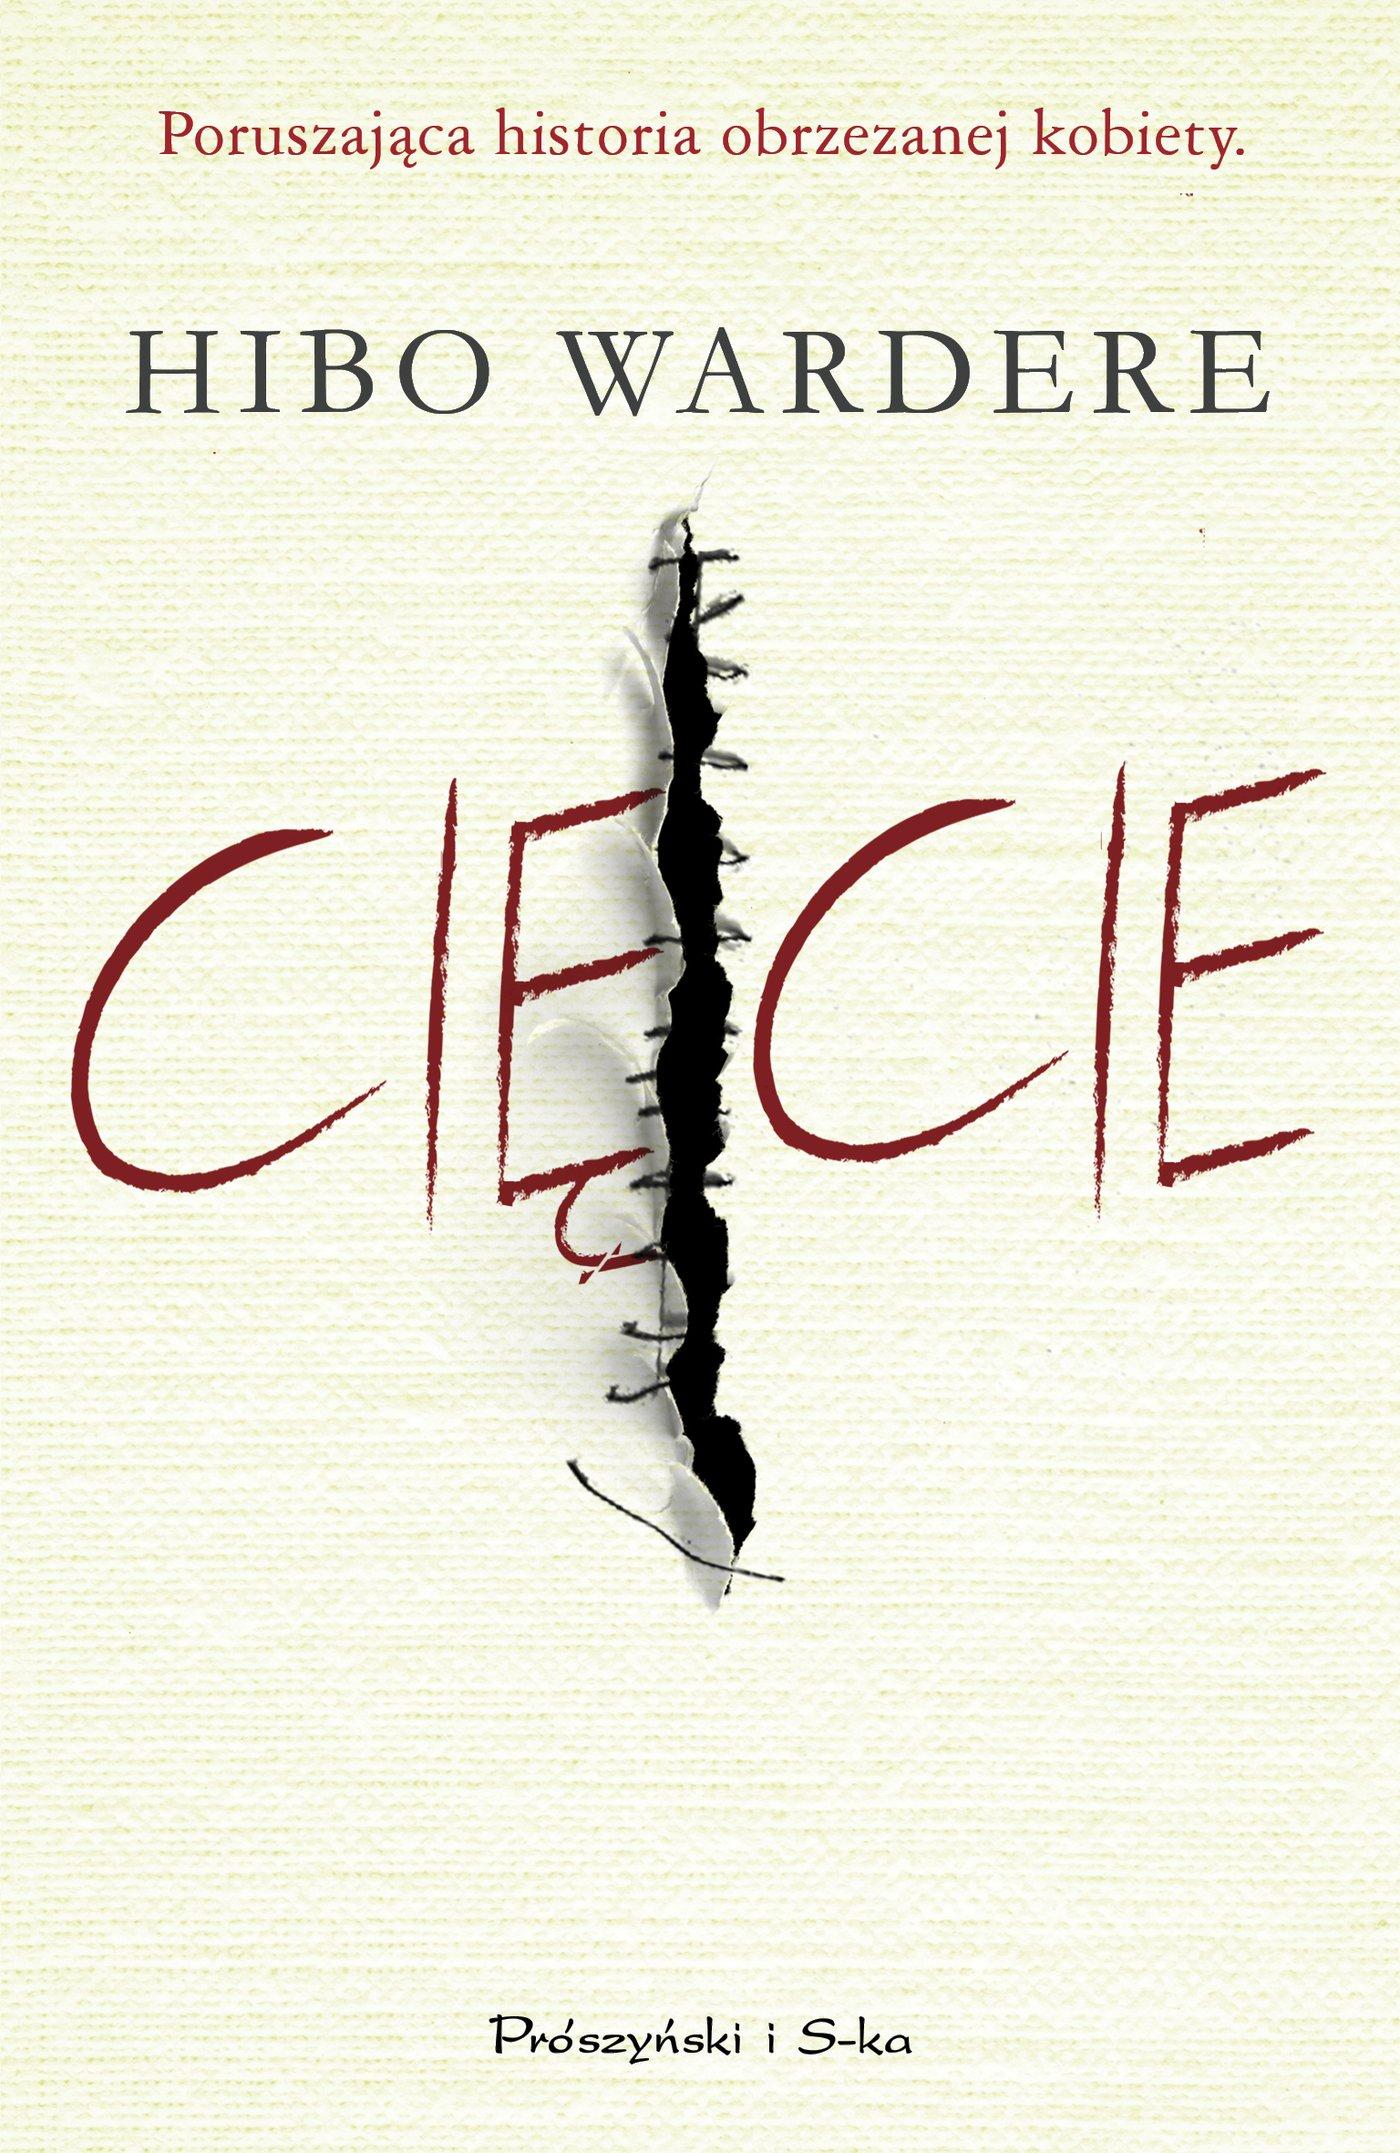 Hibo Wardere, Cięcie